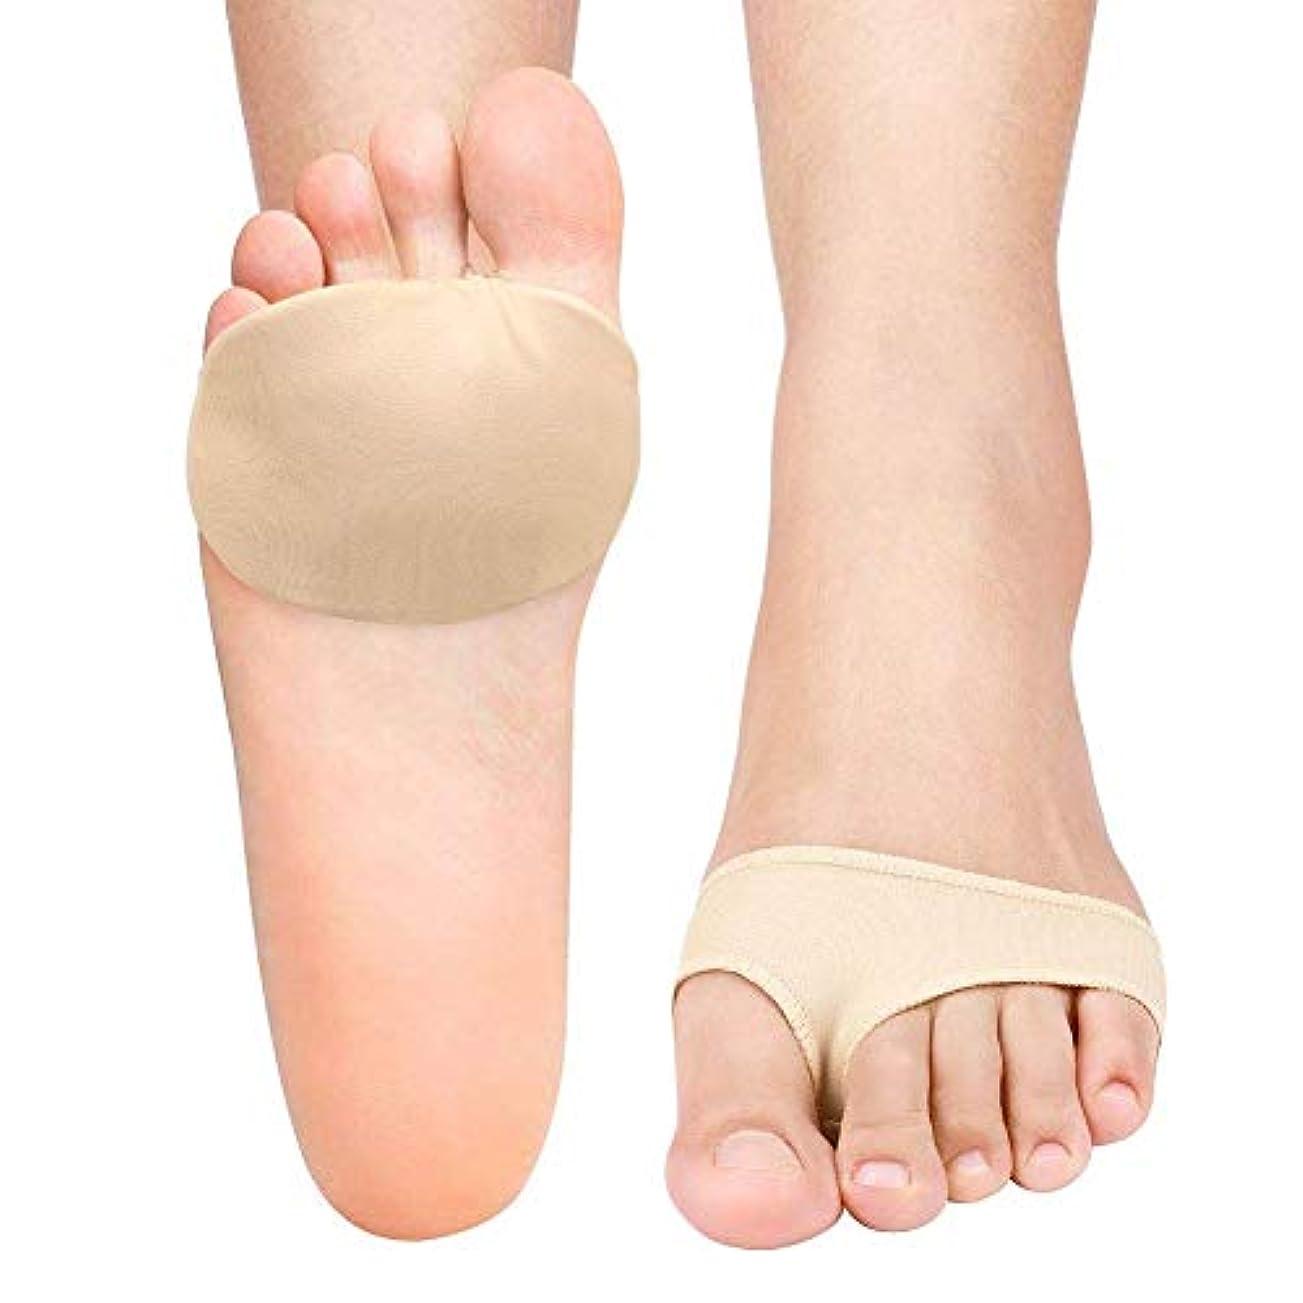 適応する不道徳最も早いYosoo 足裏 保護 サポーター 付け根 痛み和らげ シリコン 男女兼用 フリーサイズ (2個入り)